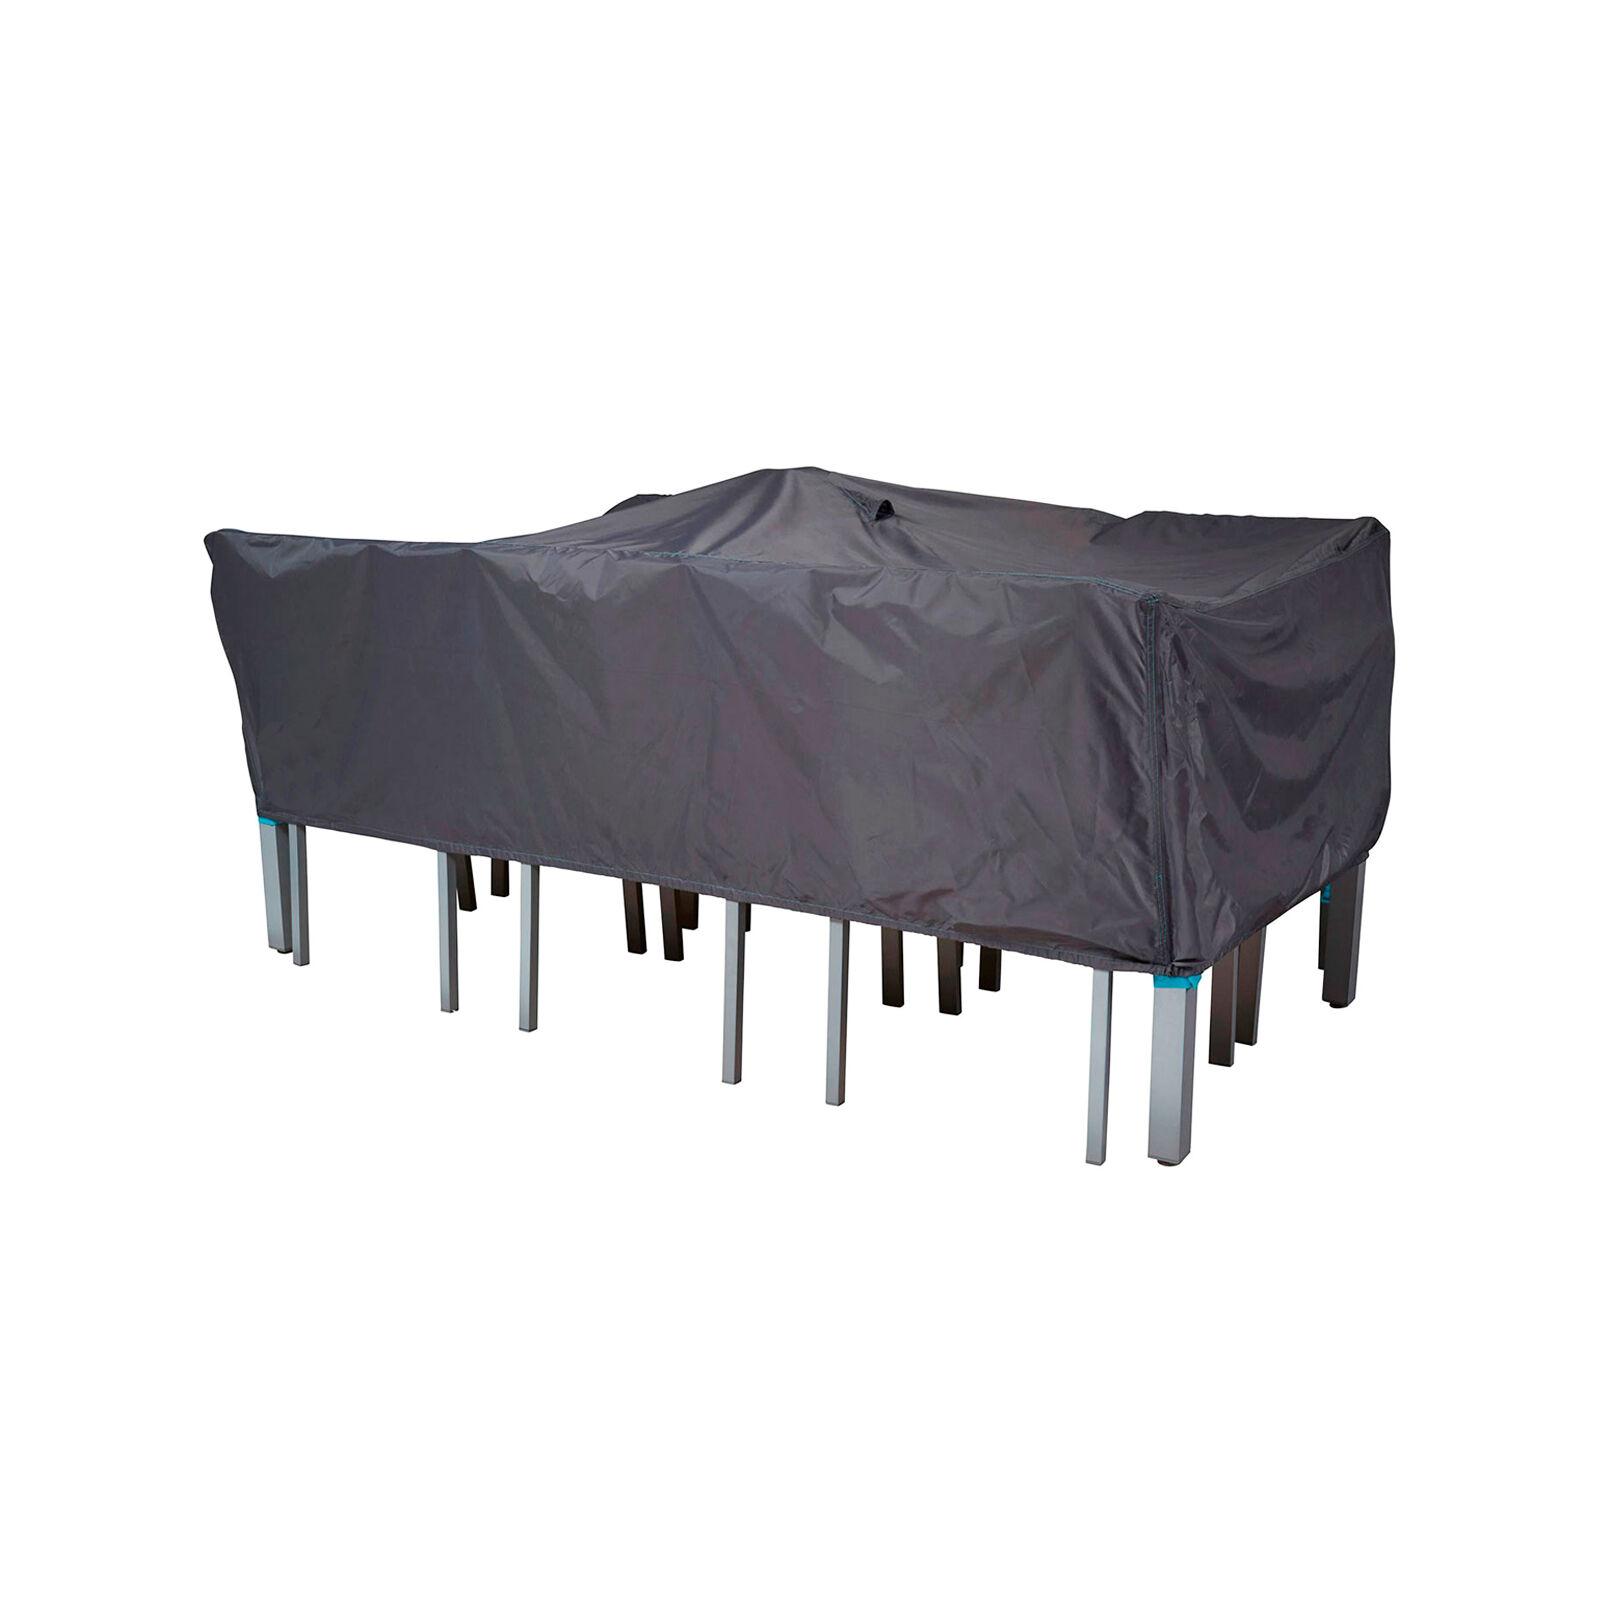 Milani Home COPERTURA - telo di copertura tavolo cm 200 x 130 x 60 h